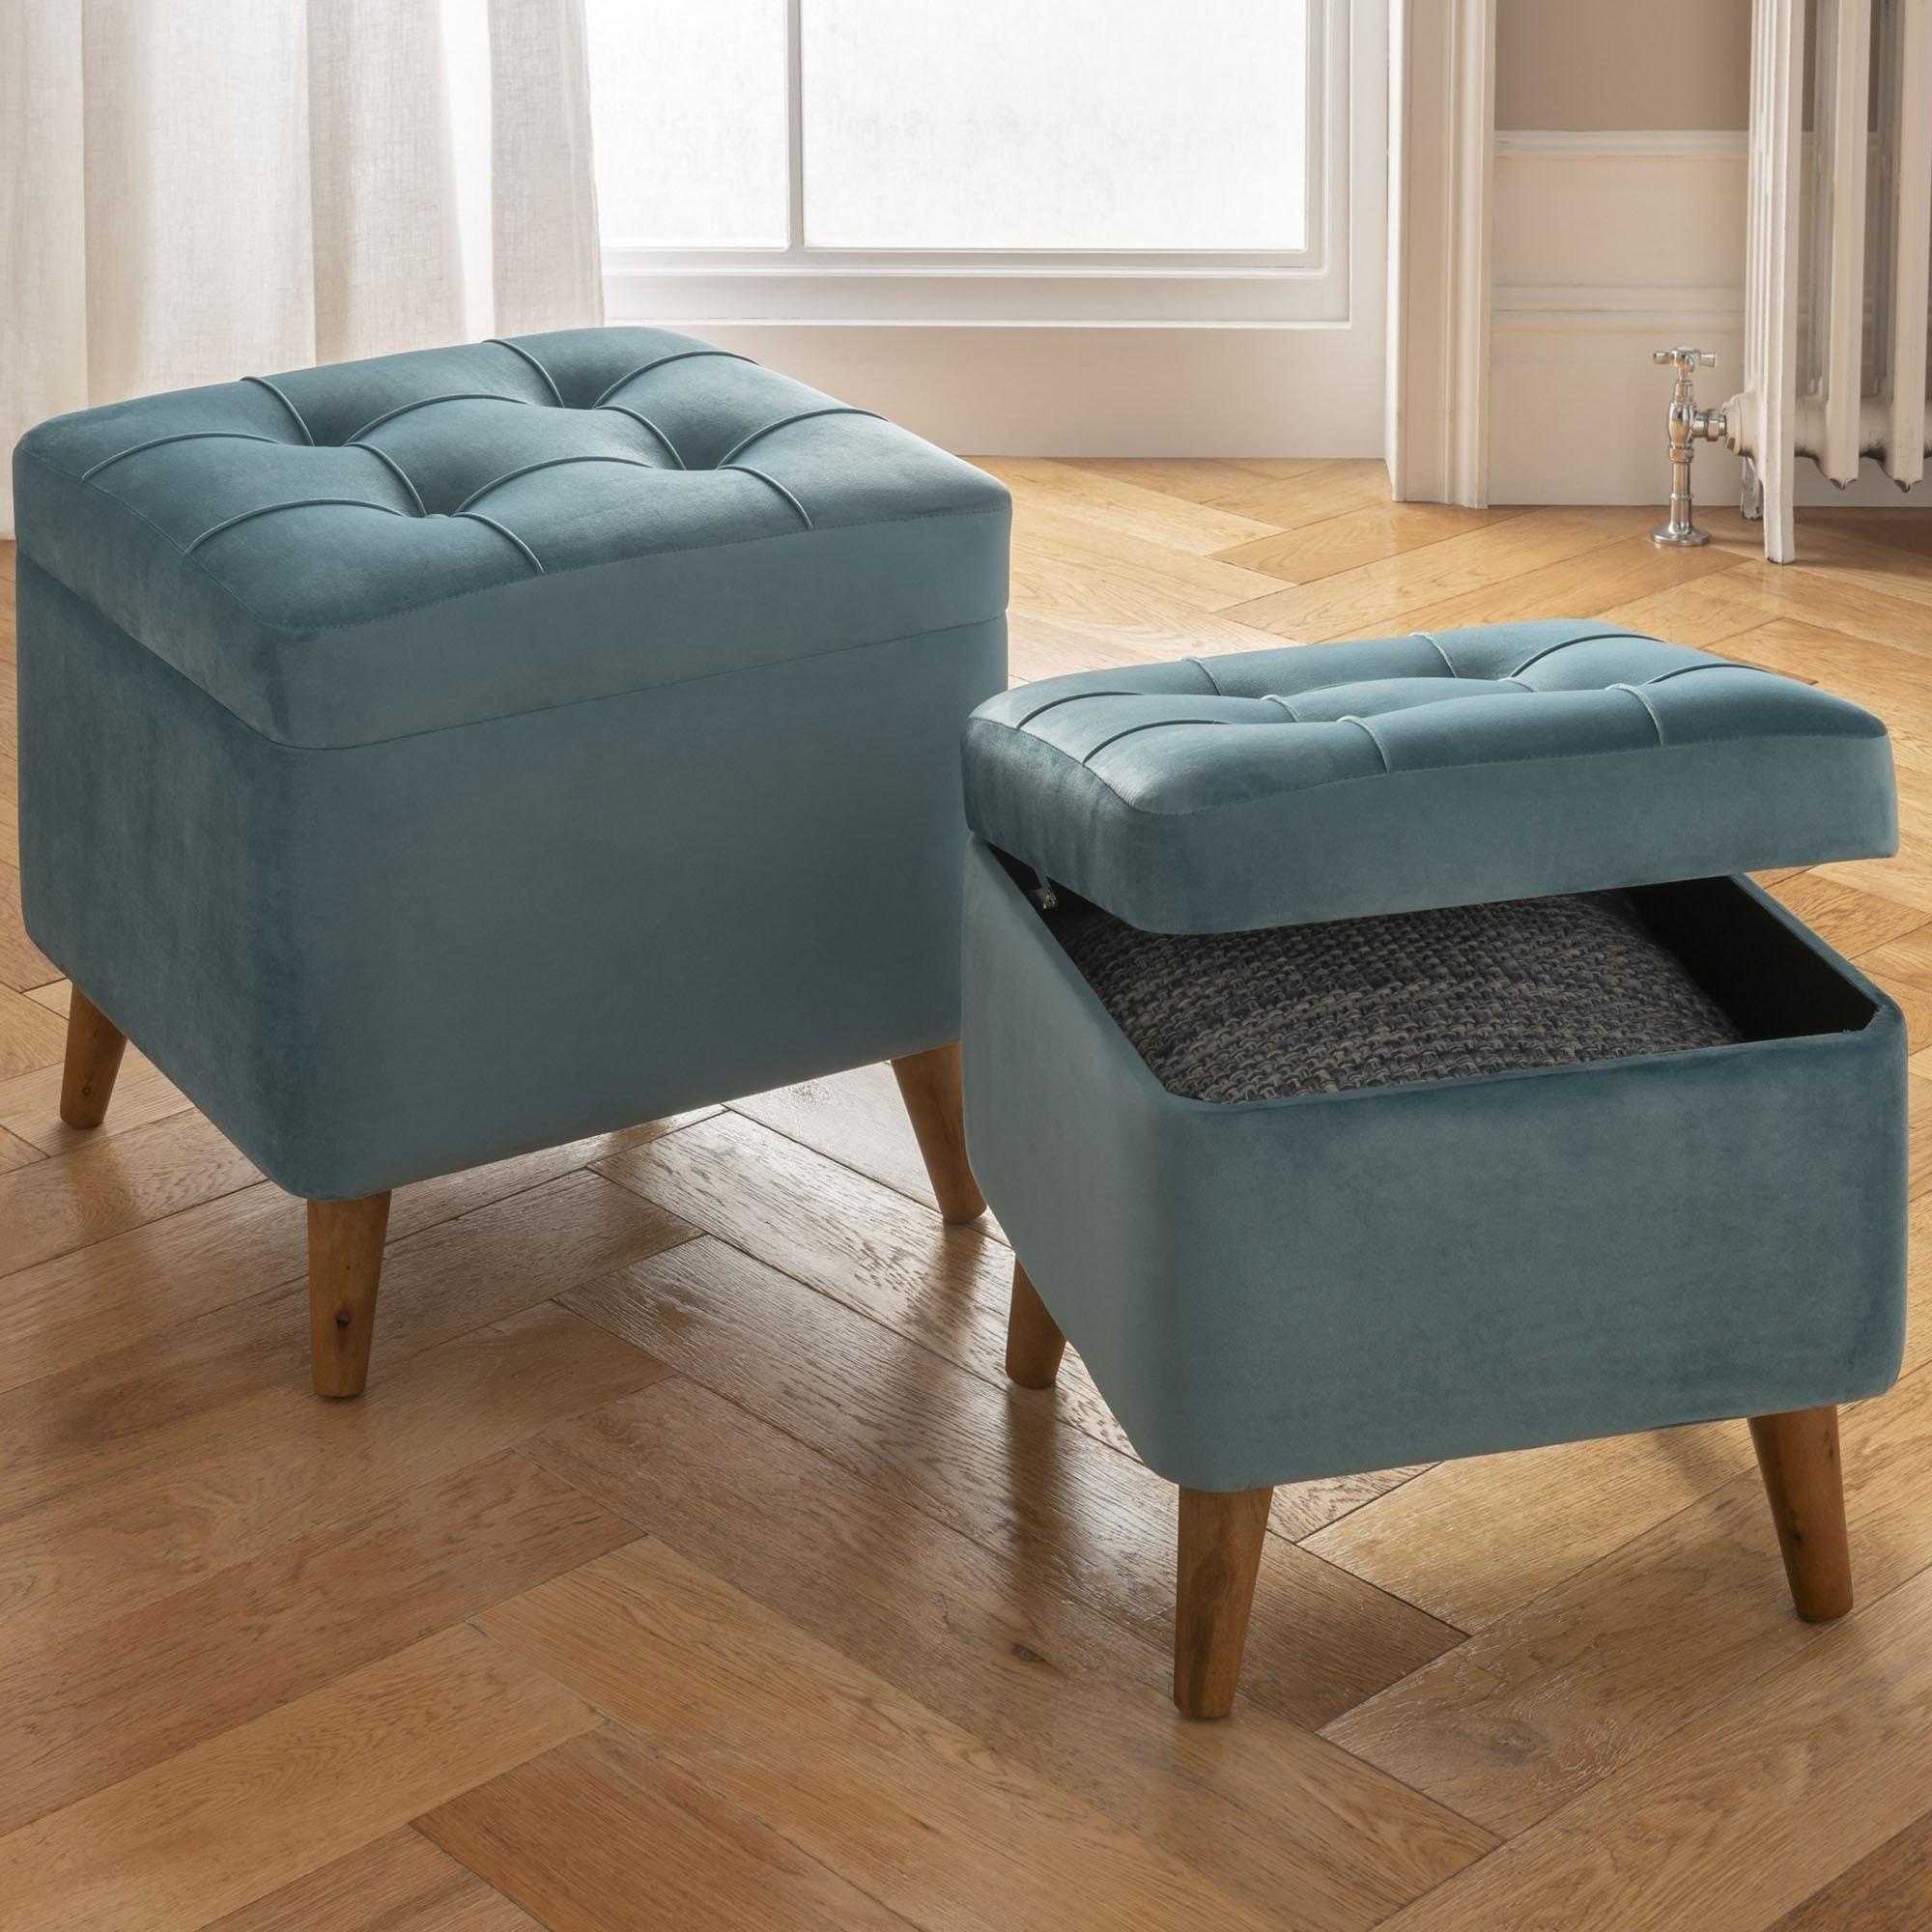 pair of teal storage footstools